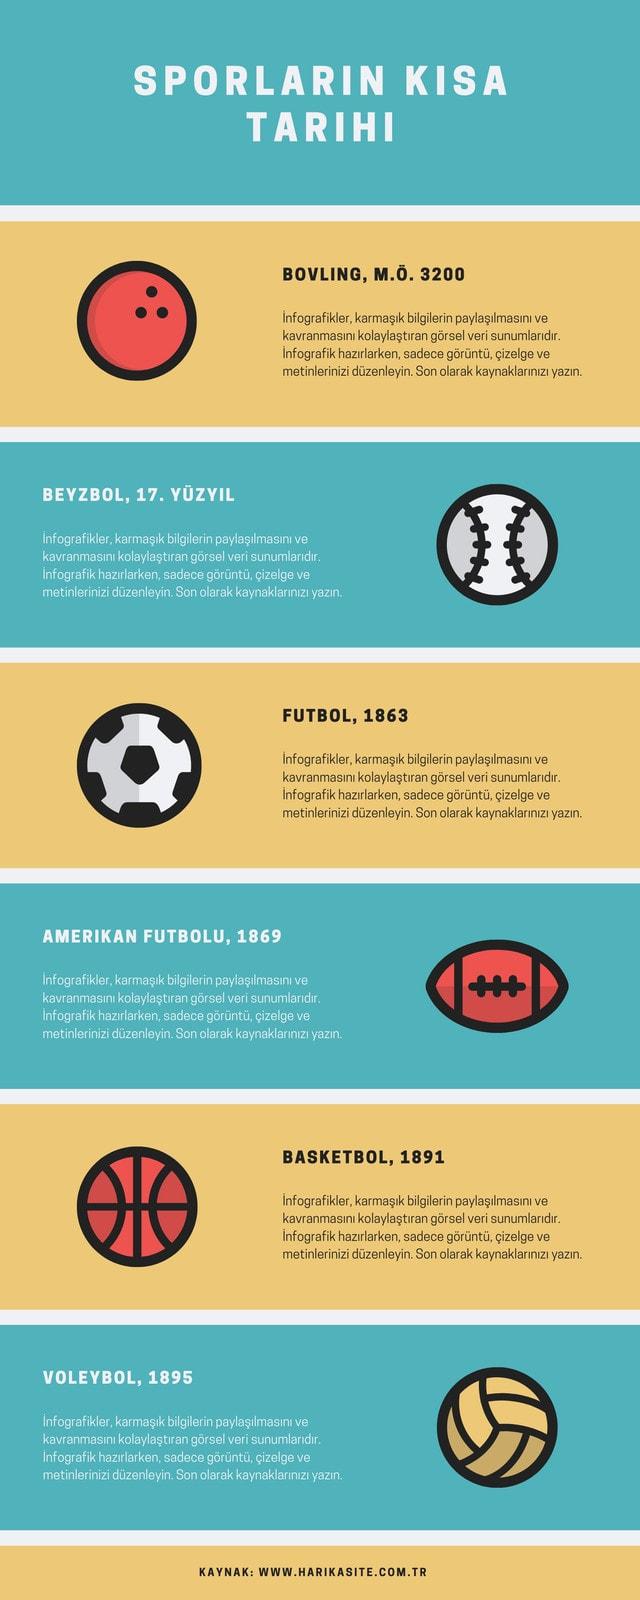 Camgöbeği Altın Spor Zaman Çizelgesi İnfografik